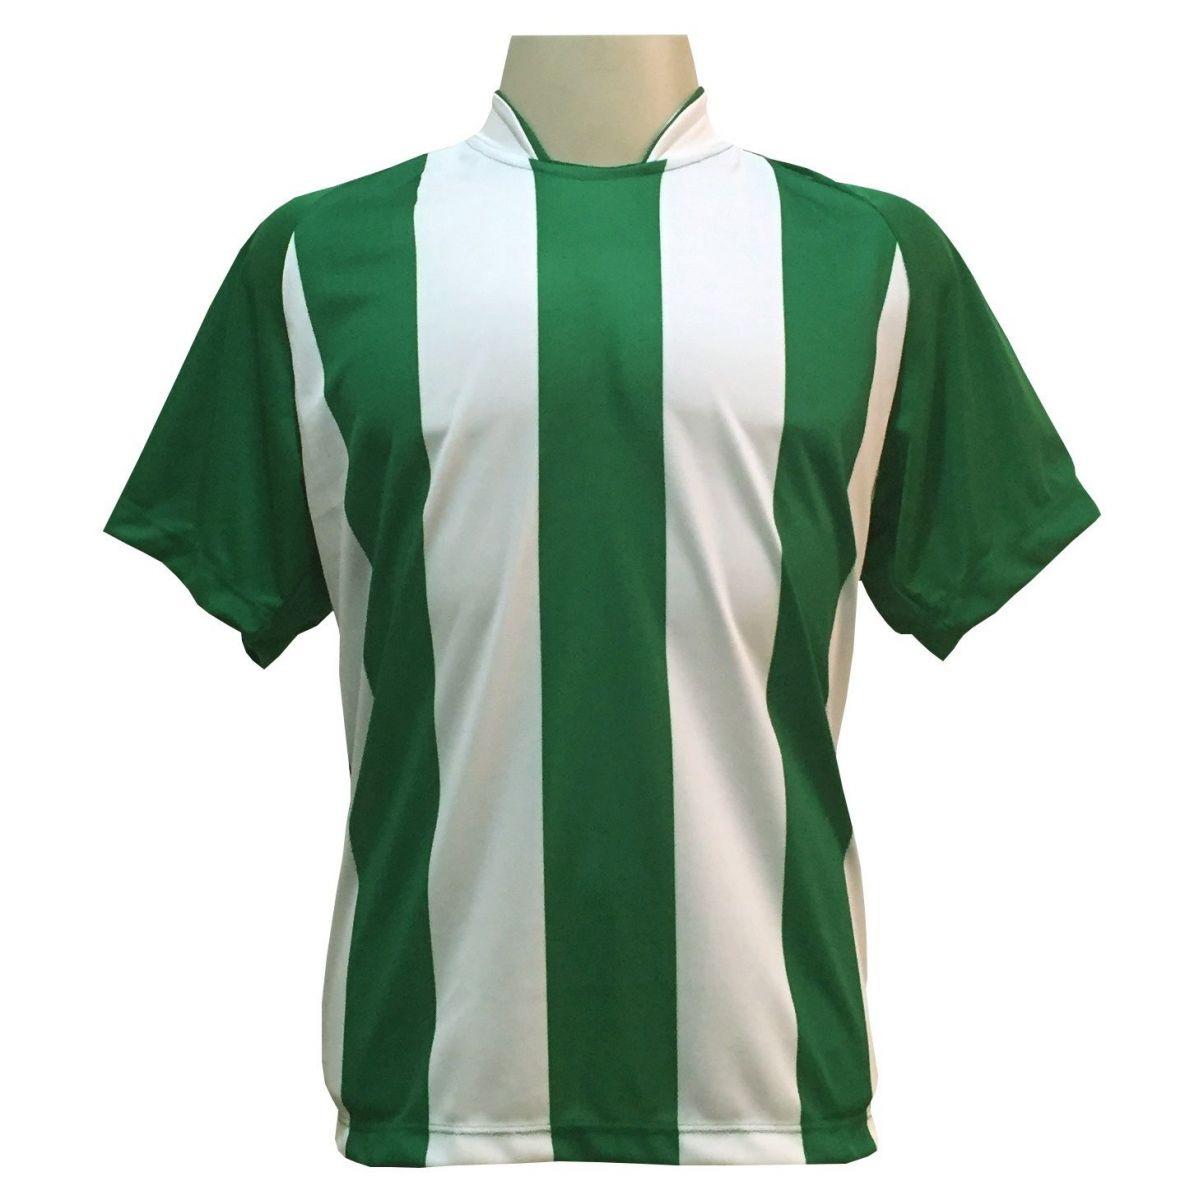 Fardamento Completo modelo Milan 20+1 (20 camisas Verde/Branco + 20 calções modelo Madrid Branco + 20 pares de meiões Verde + 1 conjunto de goleiro) + Brindes